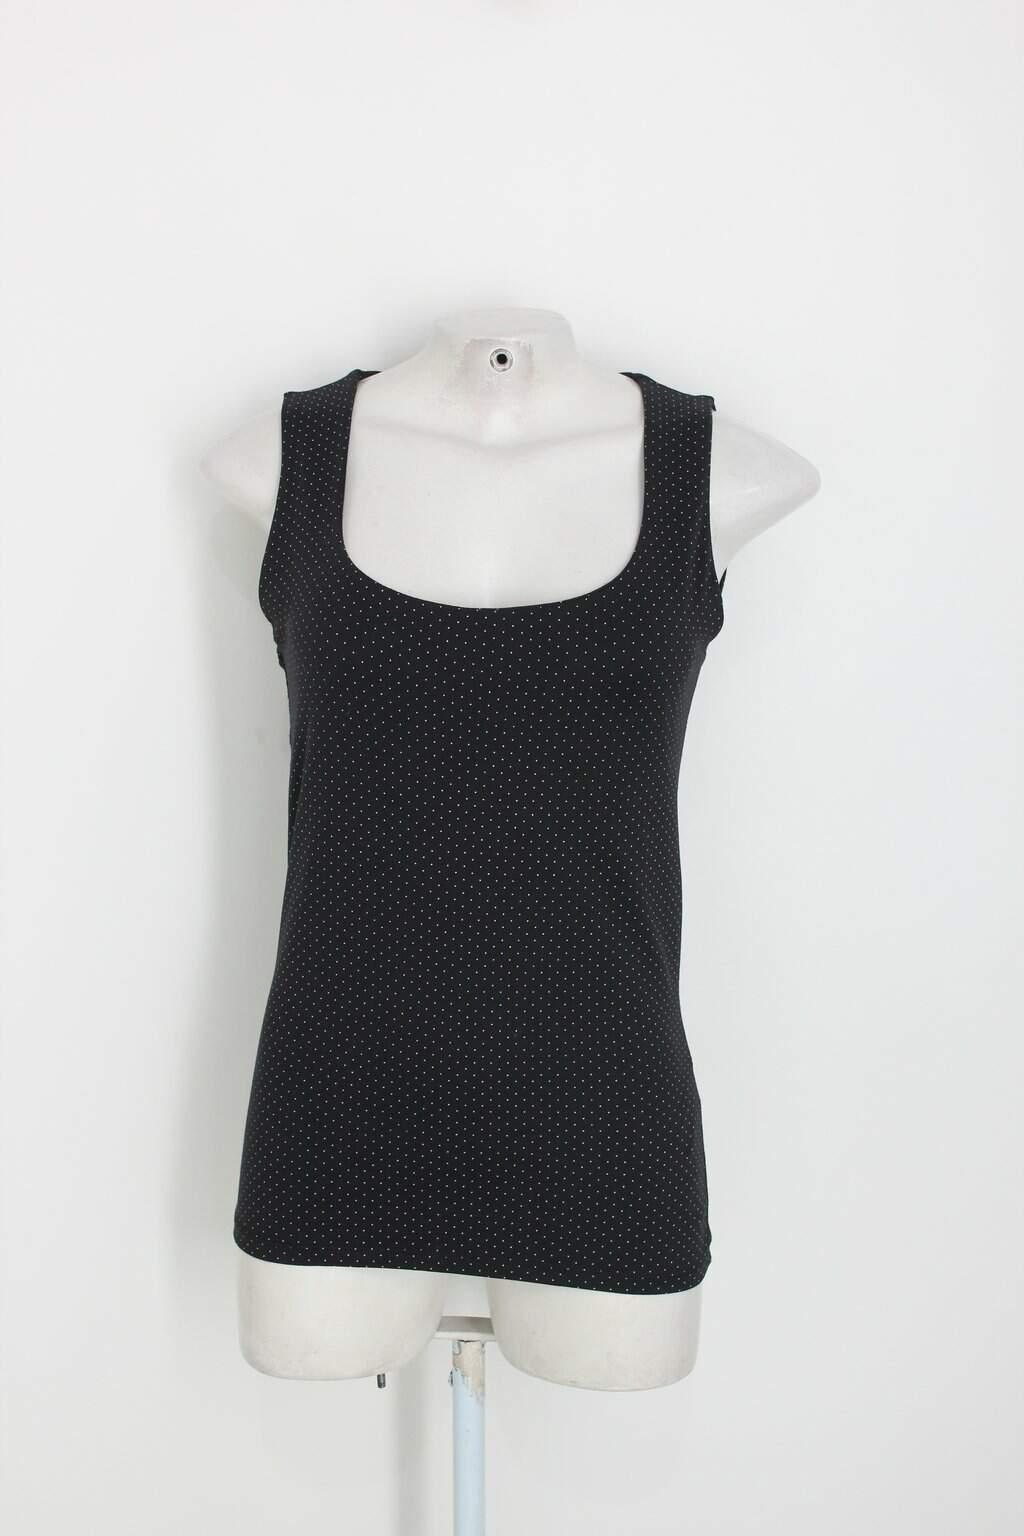 Blusa Zara Feminina Estampada